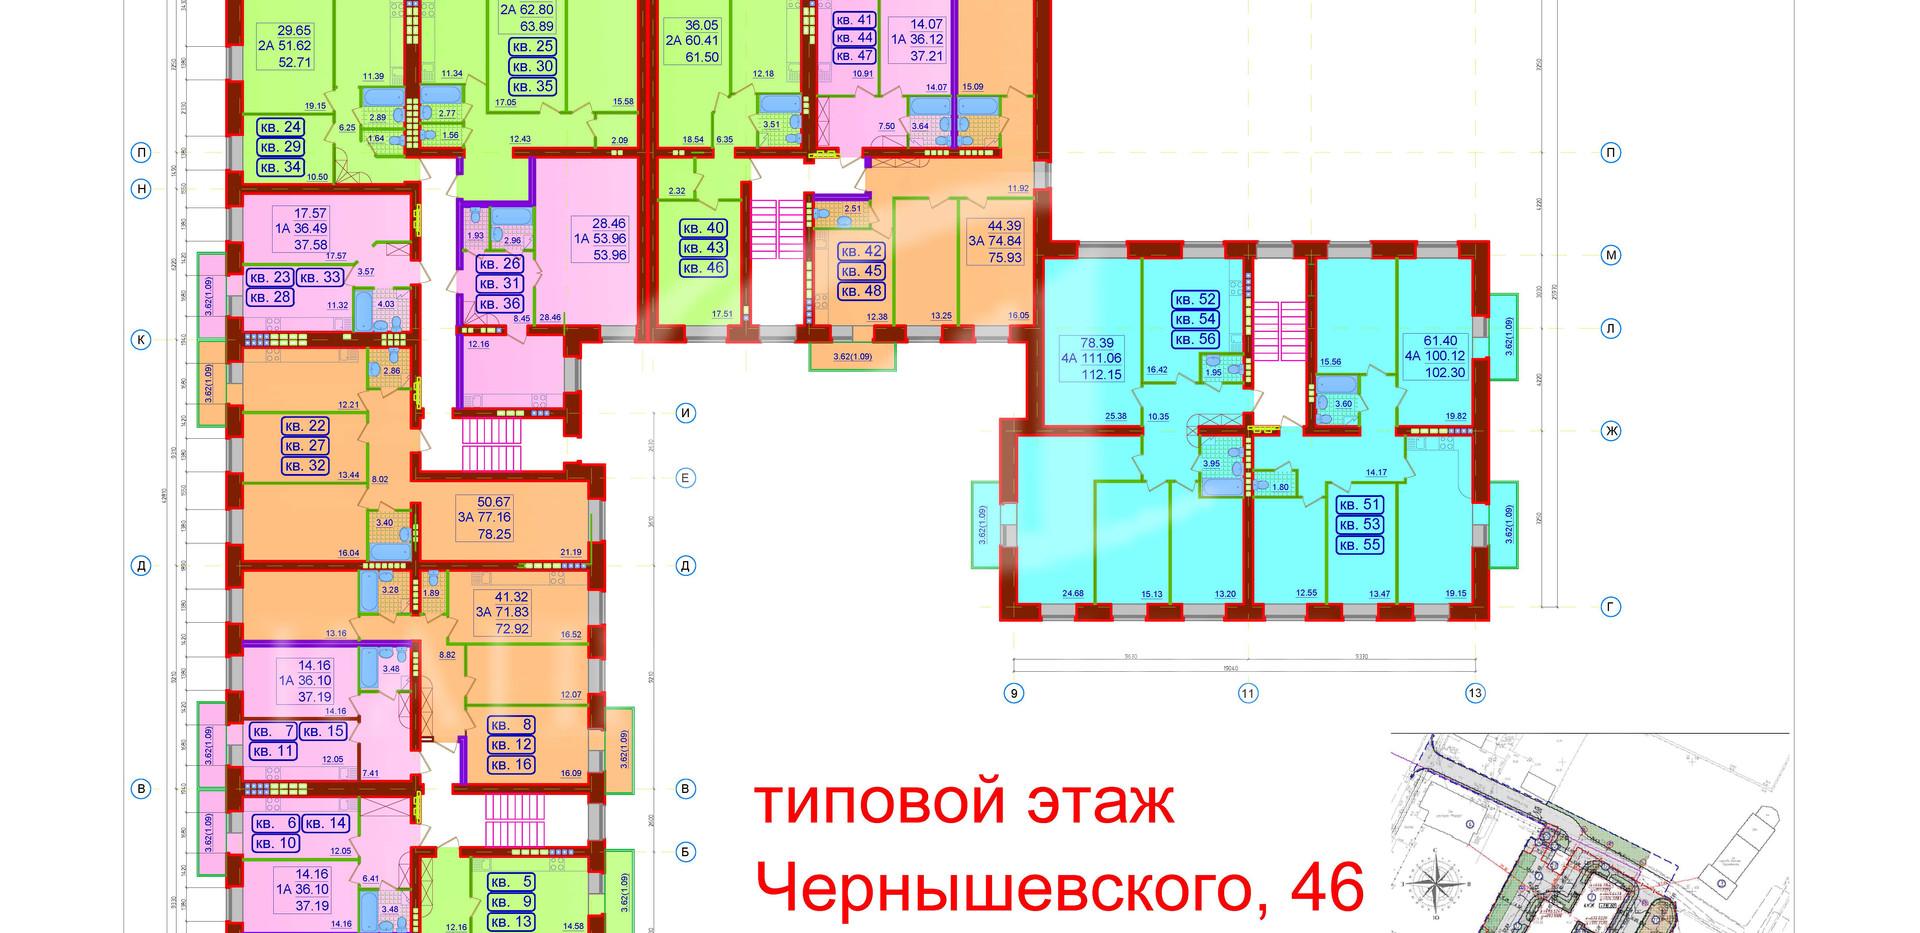 Планировки Черныш.46 этаж 2-4 испр.jpg